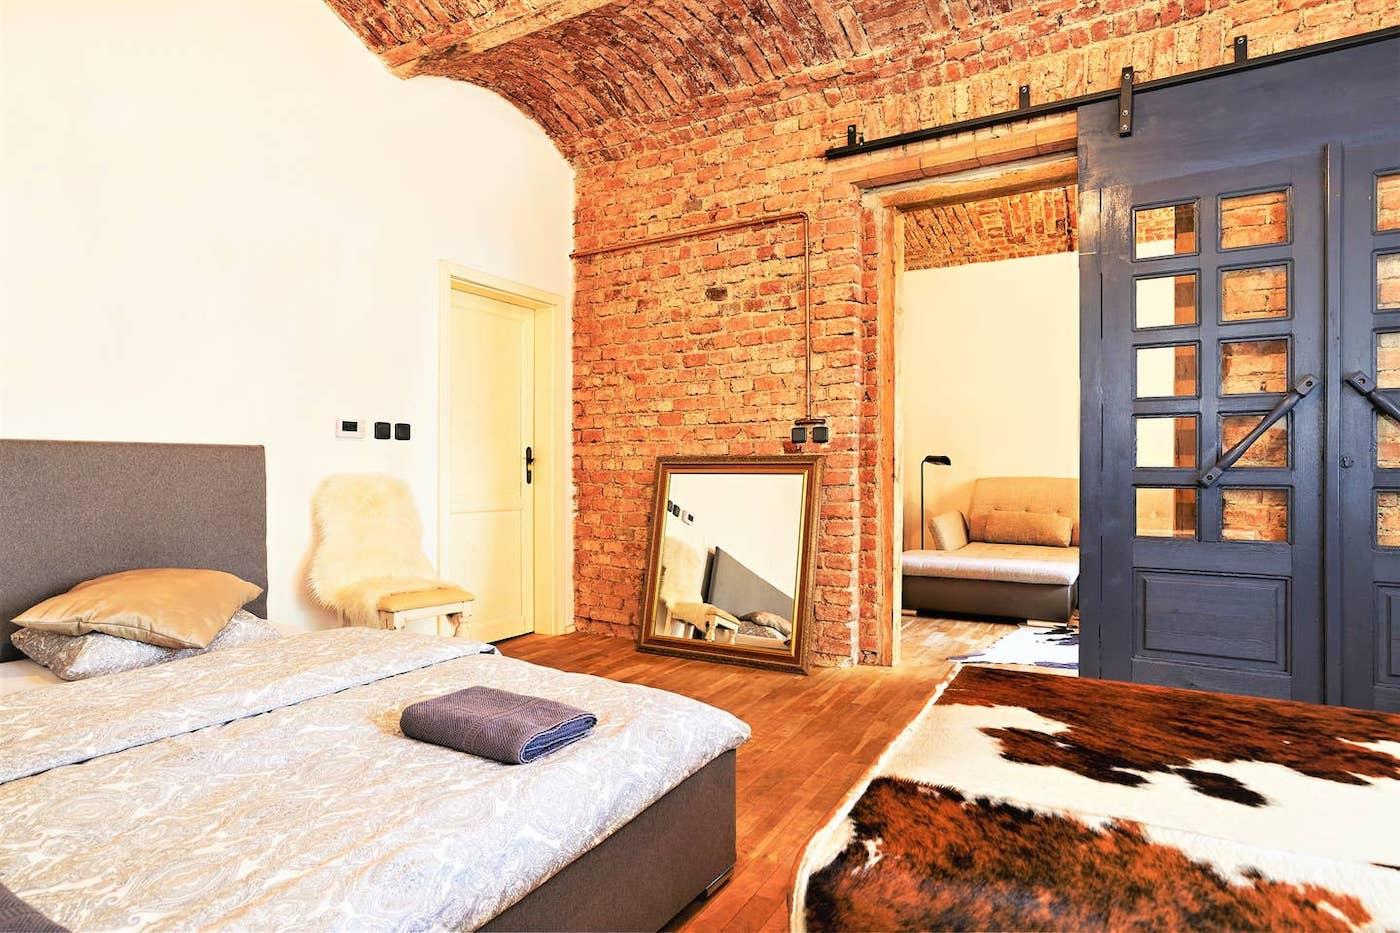 hippe airbnb praag